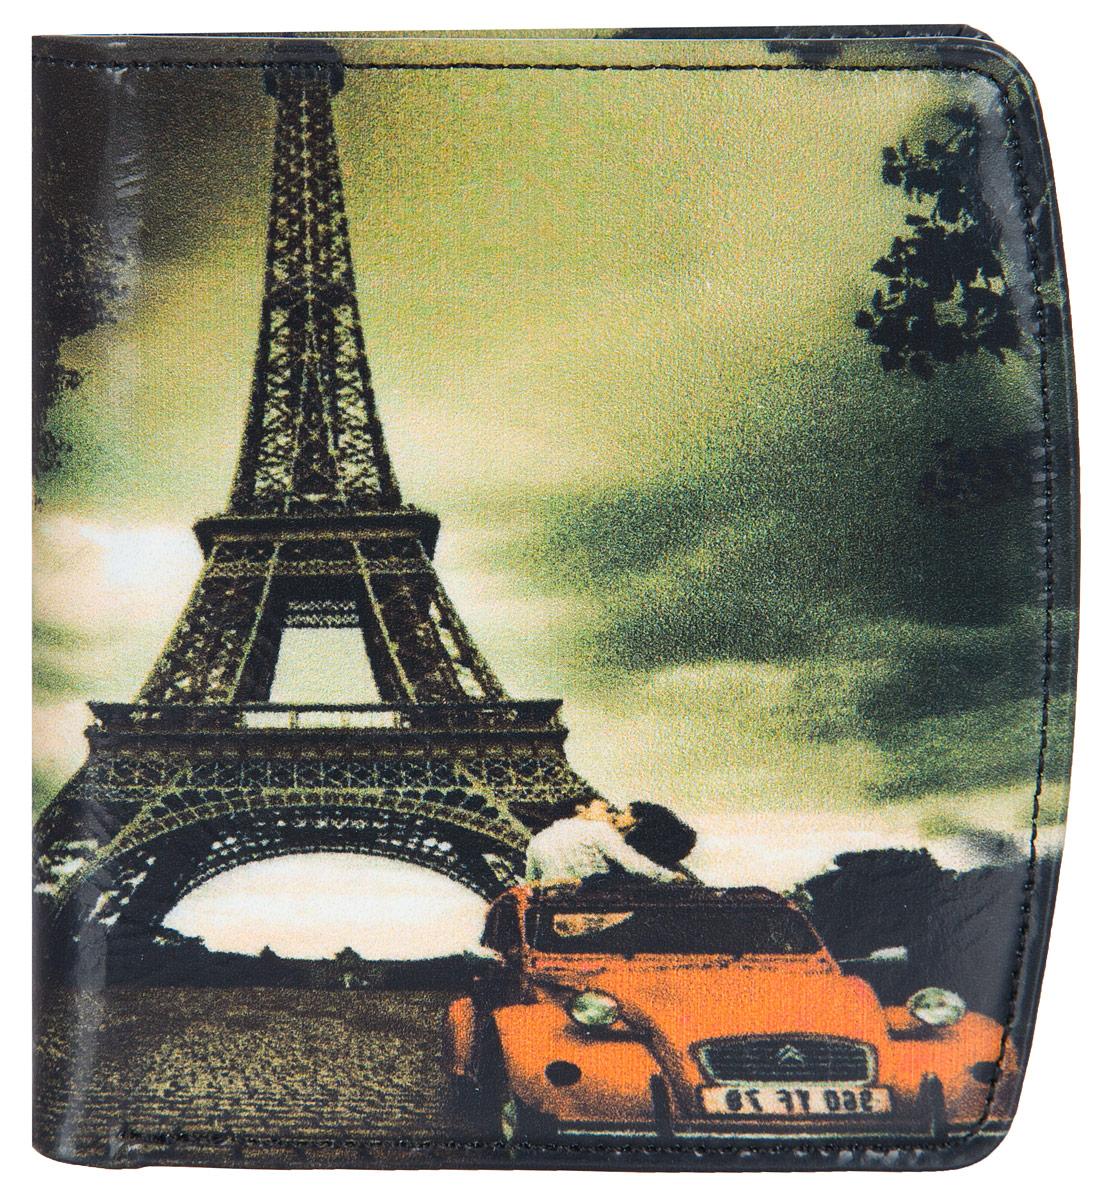 Портмоне женское Flioraj Париж, цвет: белый, оранжевый, черный. 0005094500050945Портмоне женское складное с фотопринтом, закрывается на внутреннюю магнитную кнопку. Внутри наборная визитница, евромонетник и два отделения для купюр. На клапане евромонетника марочник с прозрачным пластиком. Превосходный кошелек Flioraj станет великолепным выбором для вашего стиля. Изделие сделано из натуральной кожи с красочным фотопринтом. Этот товар будет отличным приобретением для вас или станет отличным презентом для ваших друзей и близких. Портмоне упаковано в коробку из плотного картона с логотипом фирмы.